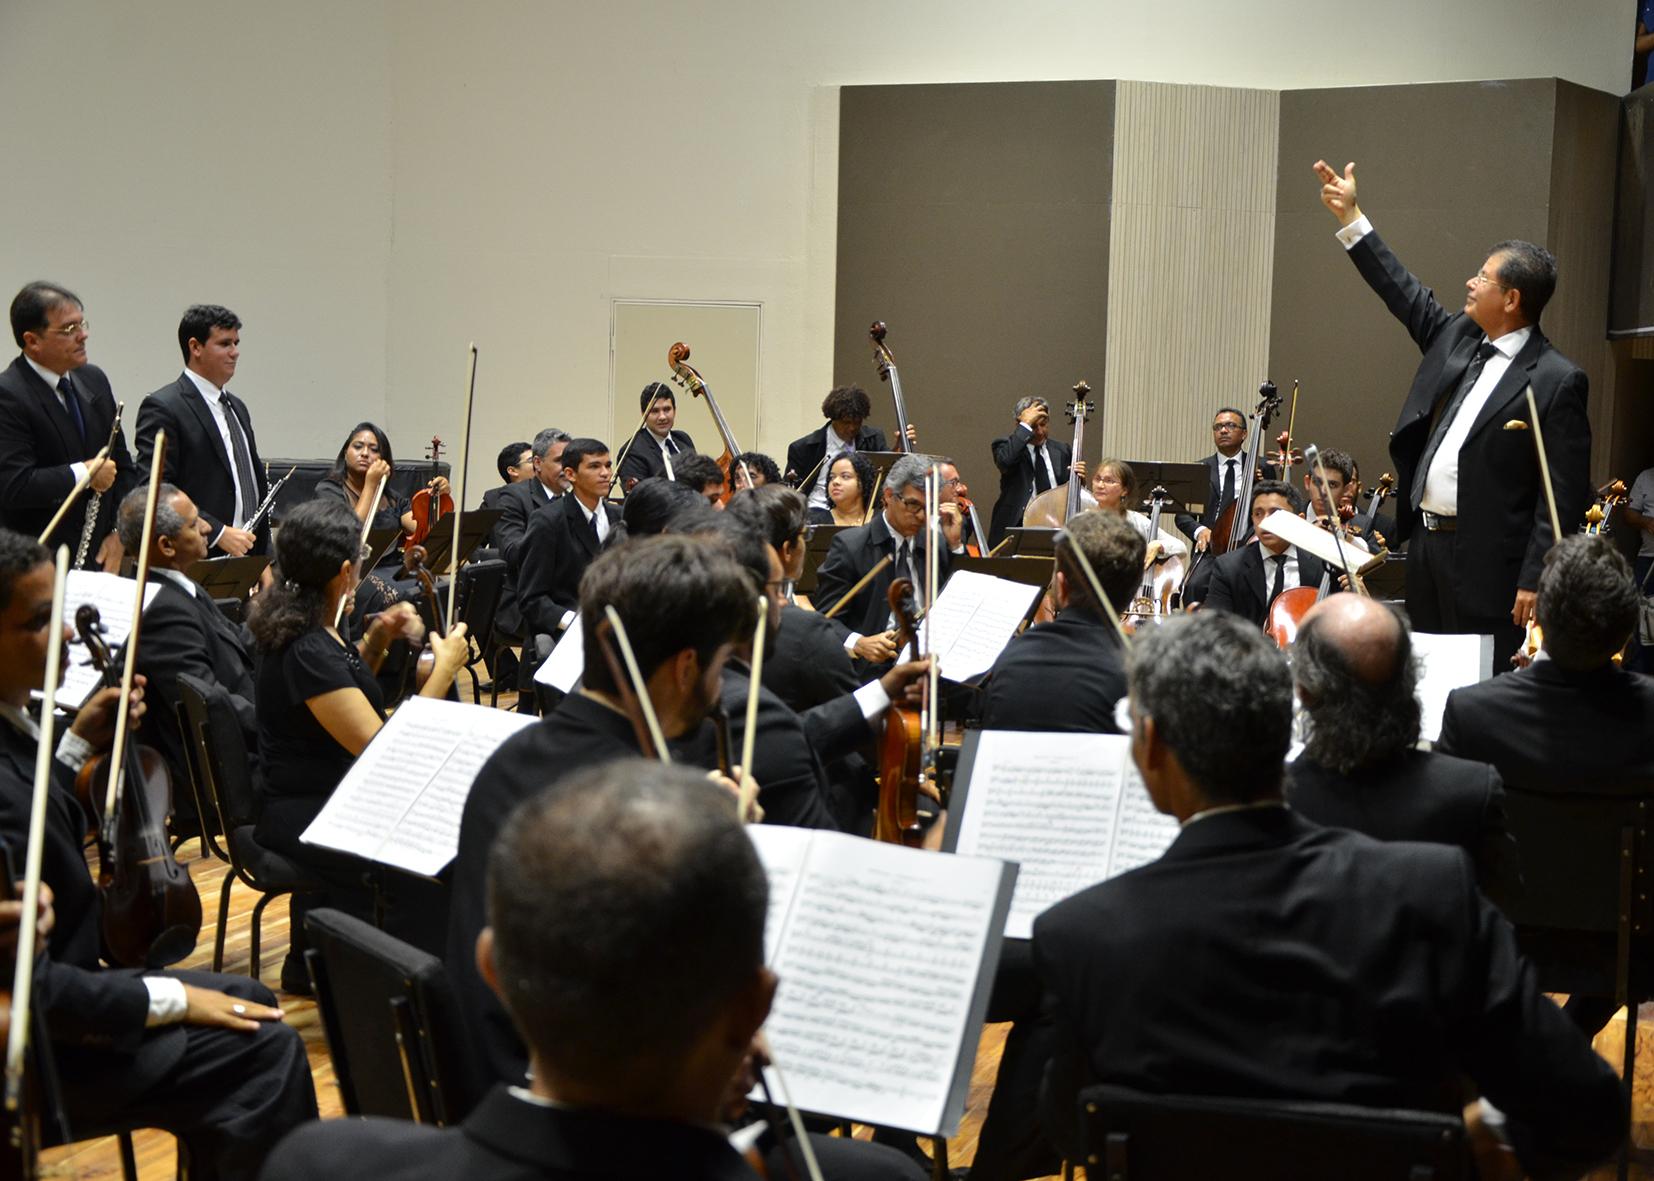 05.03.15-concerto-ospb_fotos-roberto-guedes-444